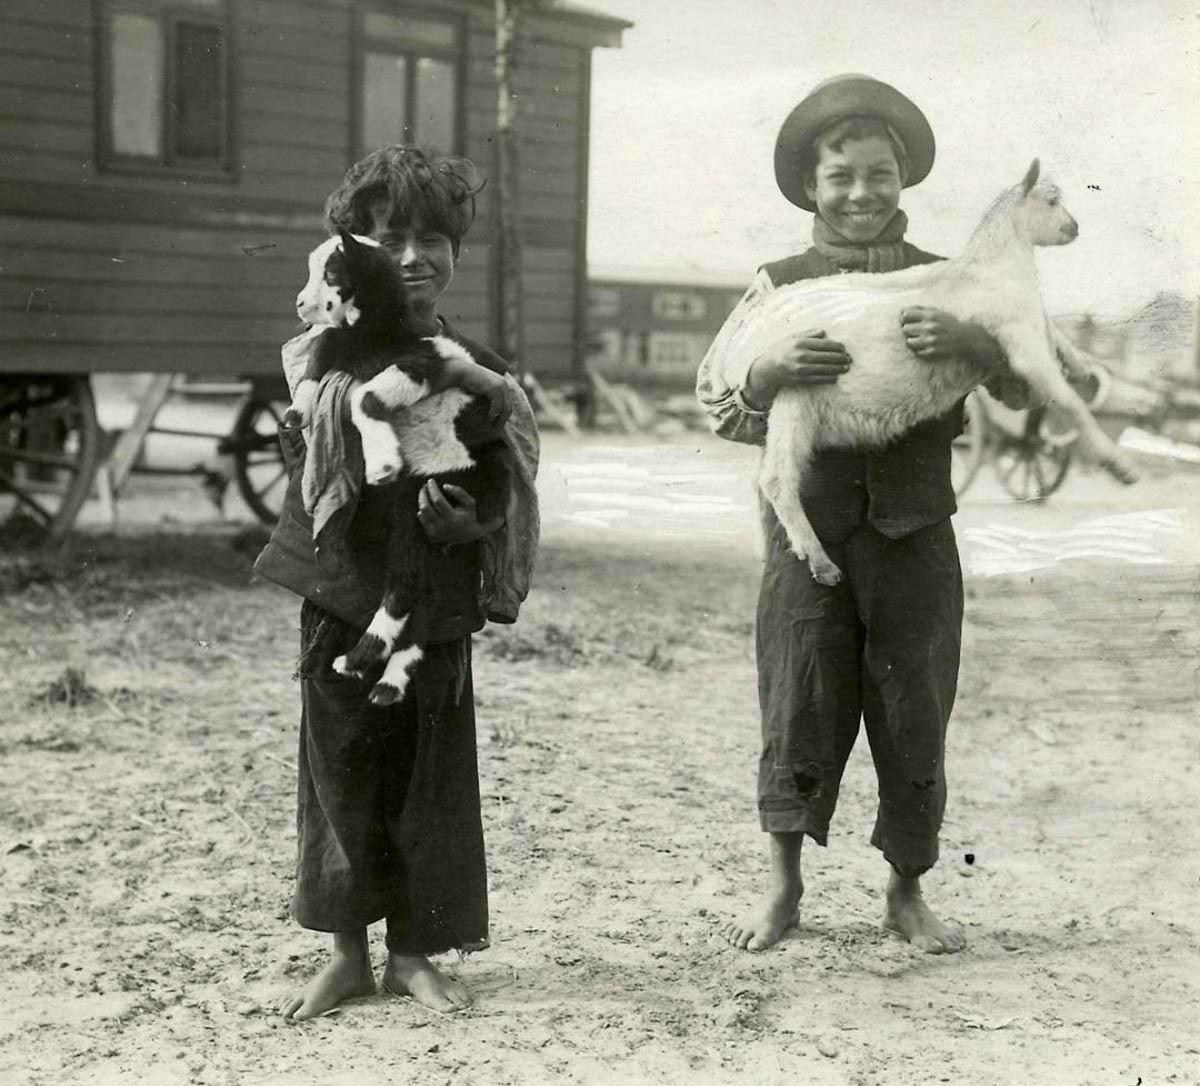 A vida dos ciganos na Europa antes da Segunda Guerra Mundial 03